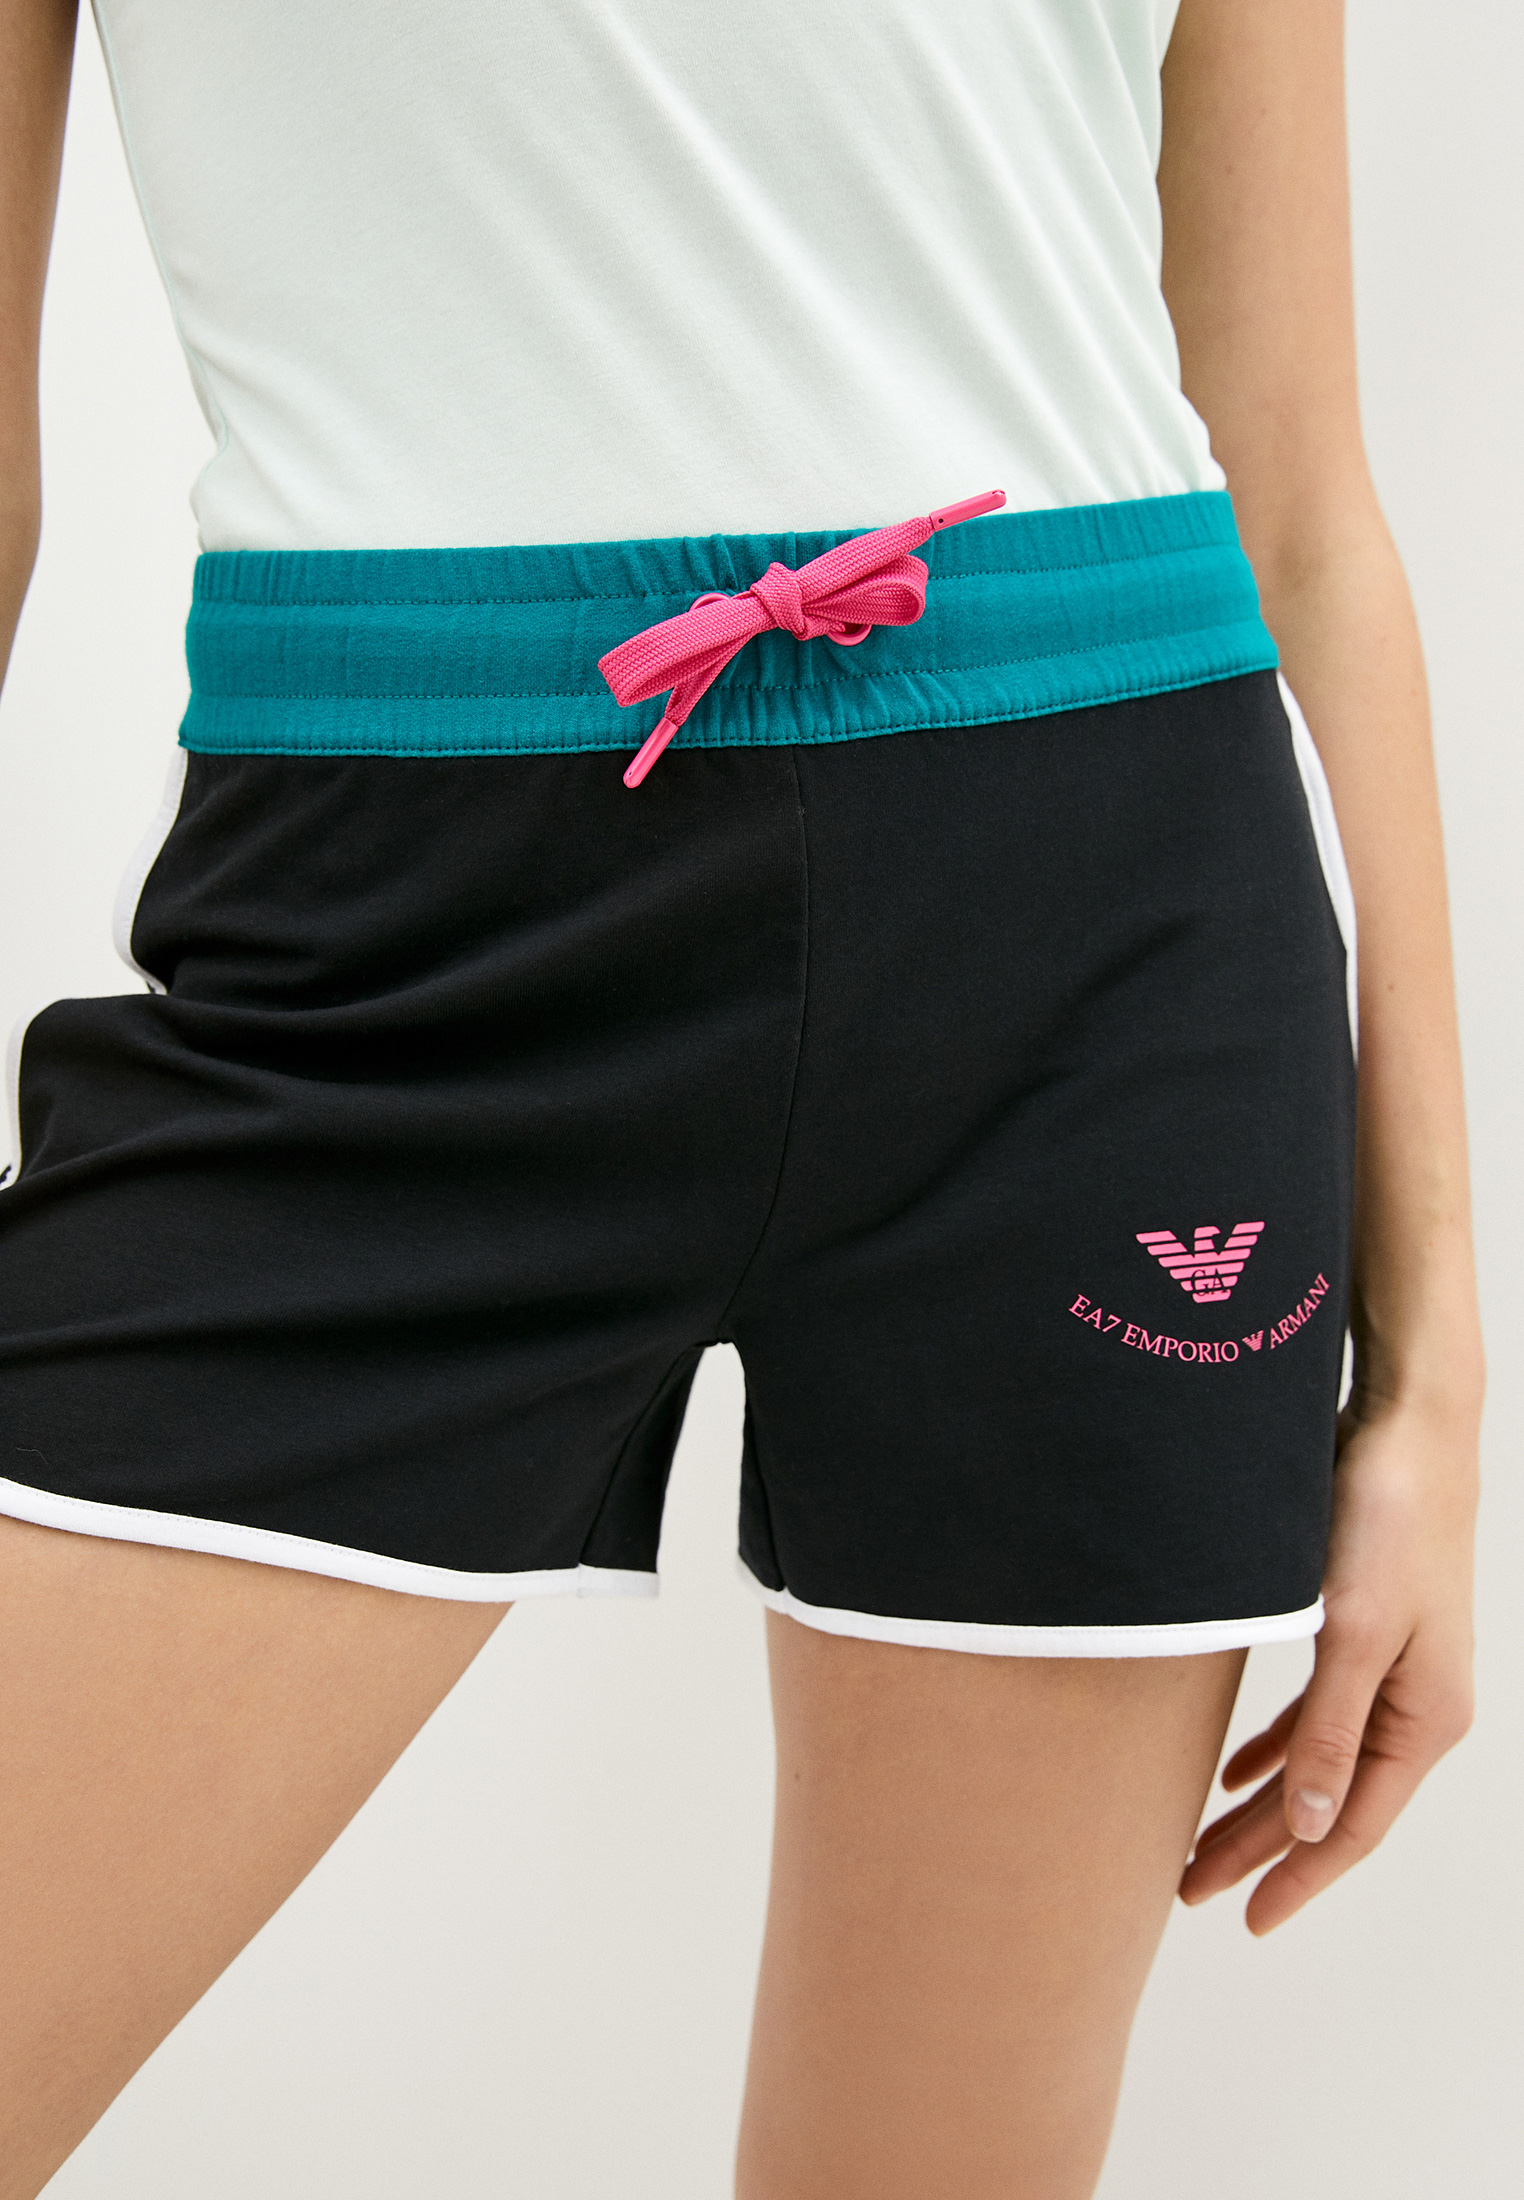 картинки спортивные шорты женские варан навешивает